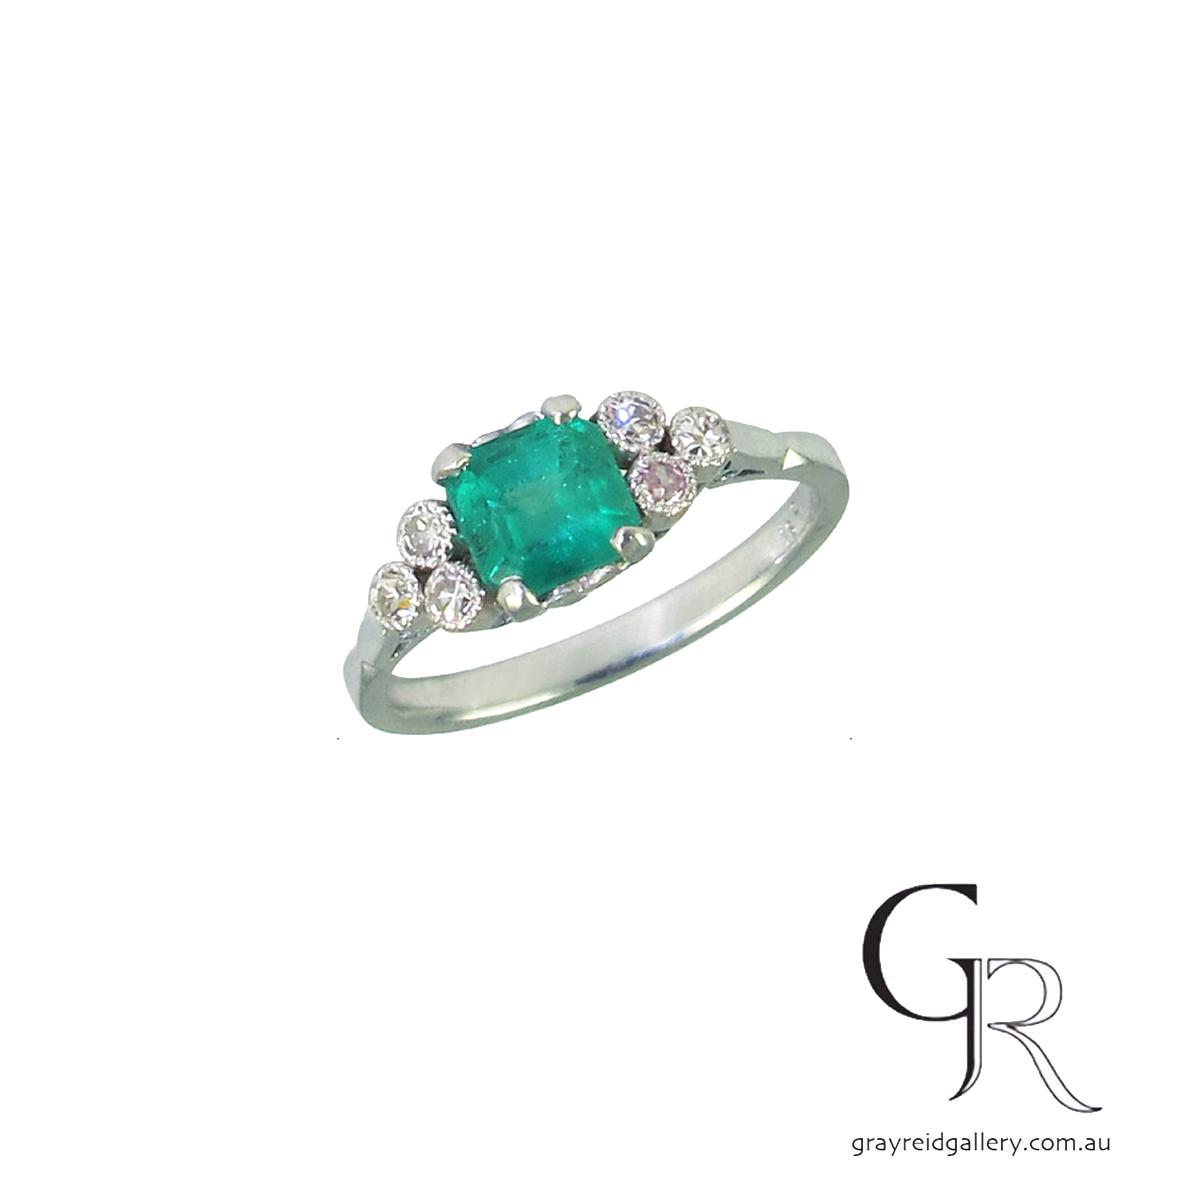 Engagement rings melbourne gray reid gallery 8.jpg